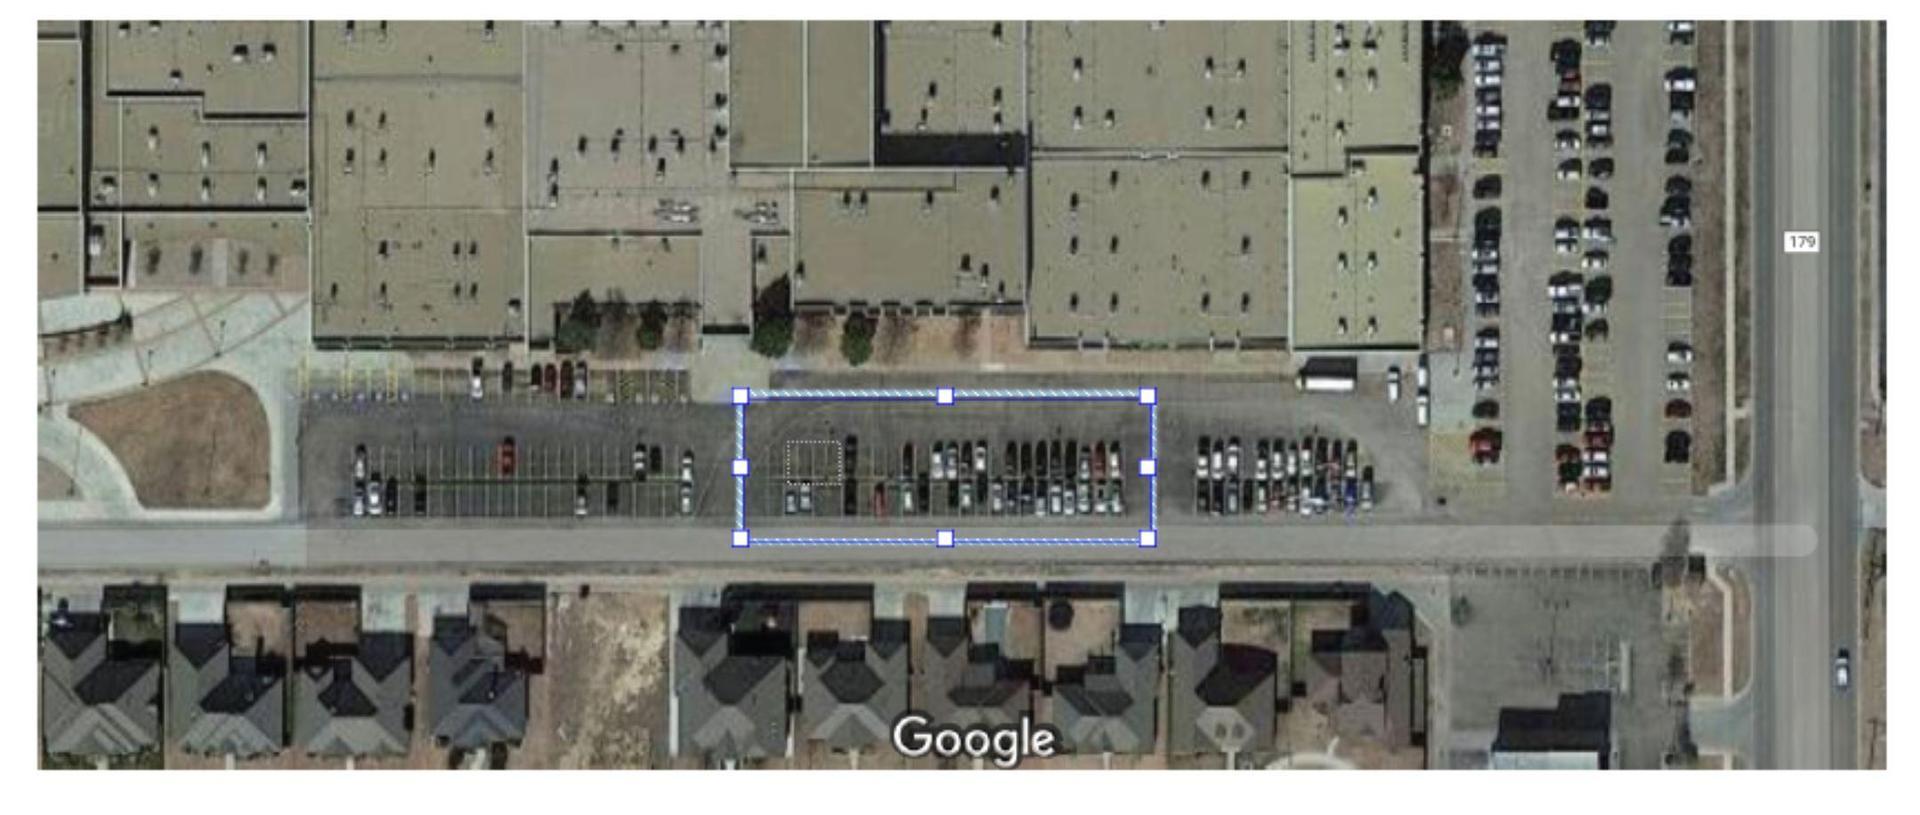 FHS wifi map